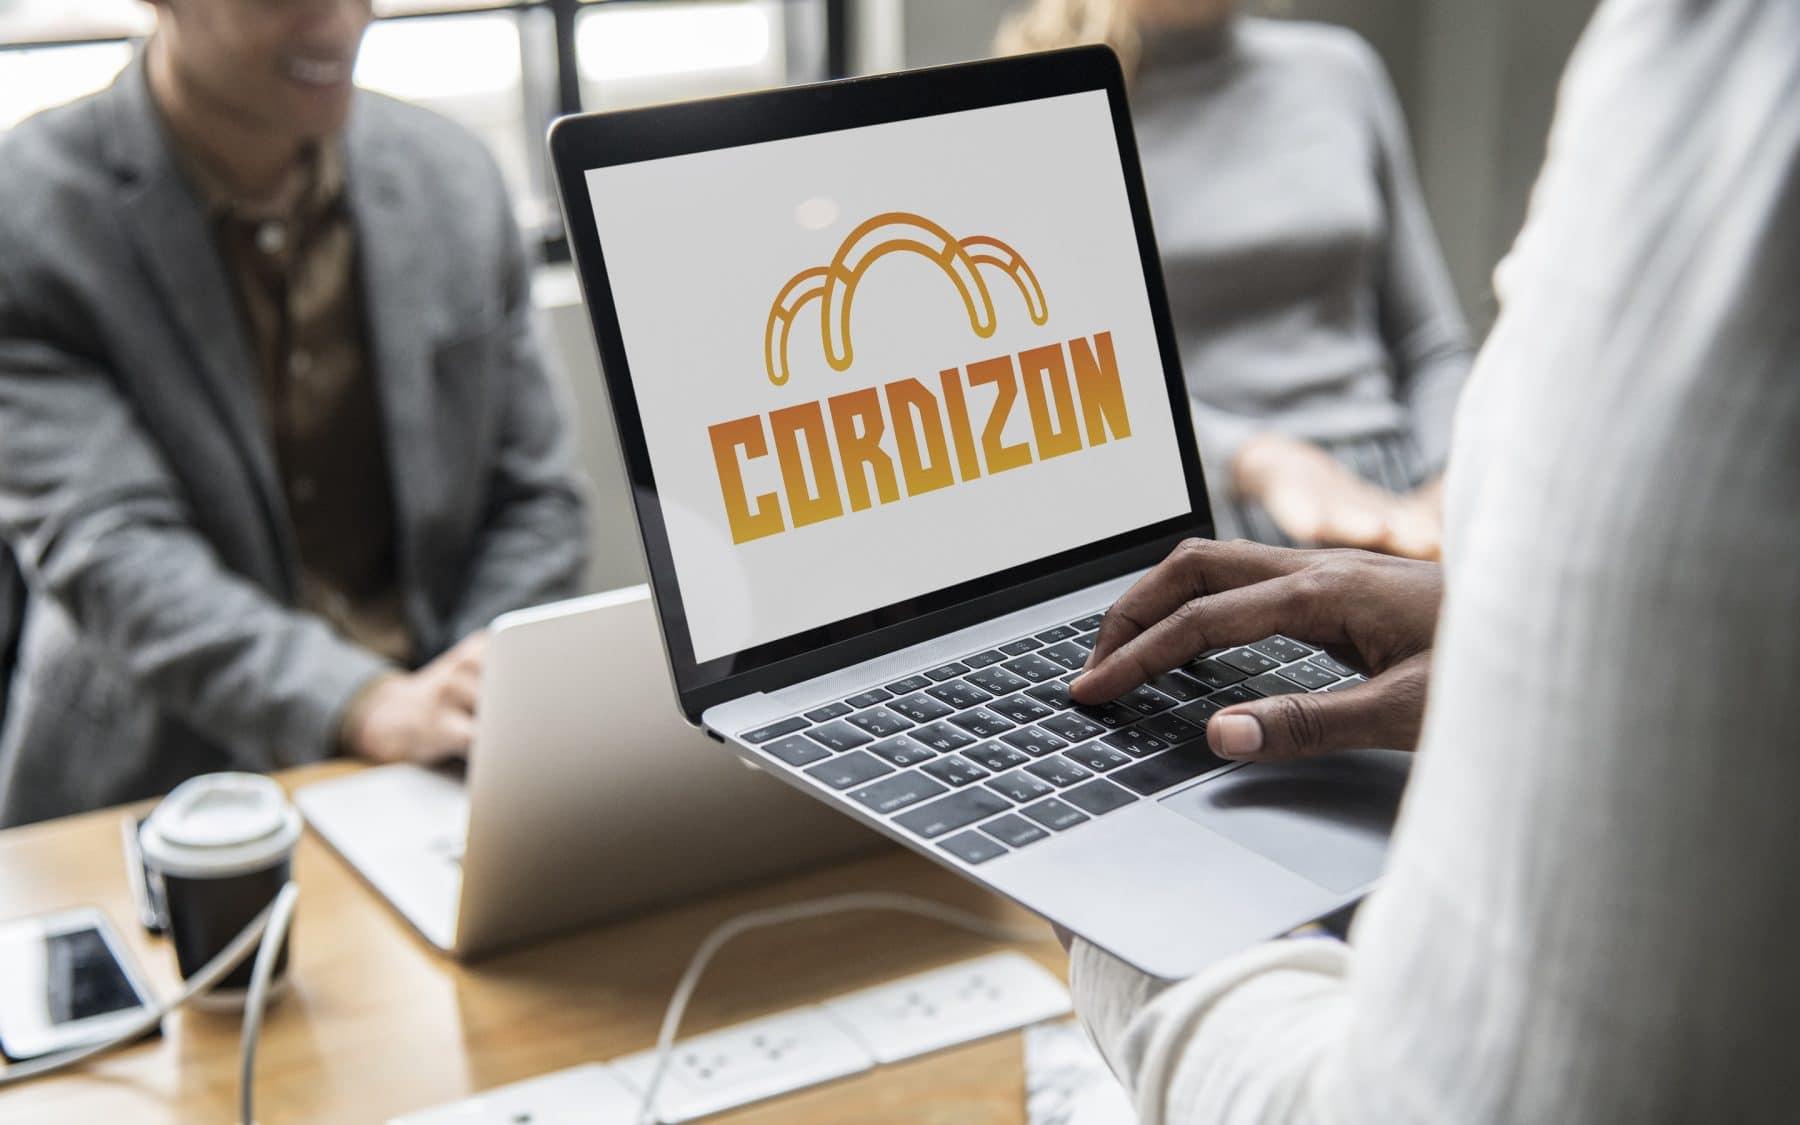 Cordizon 2